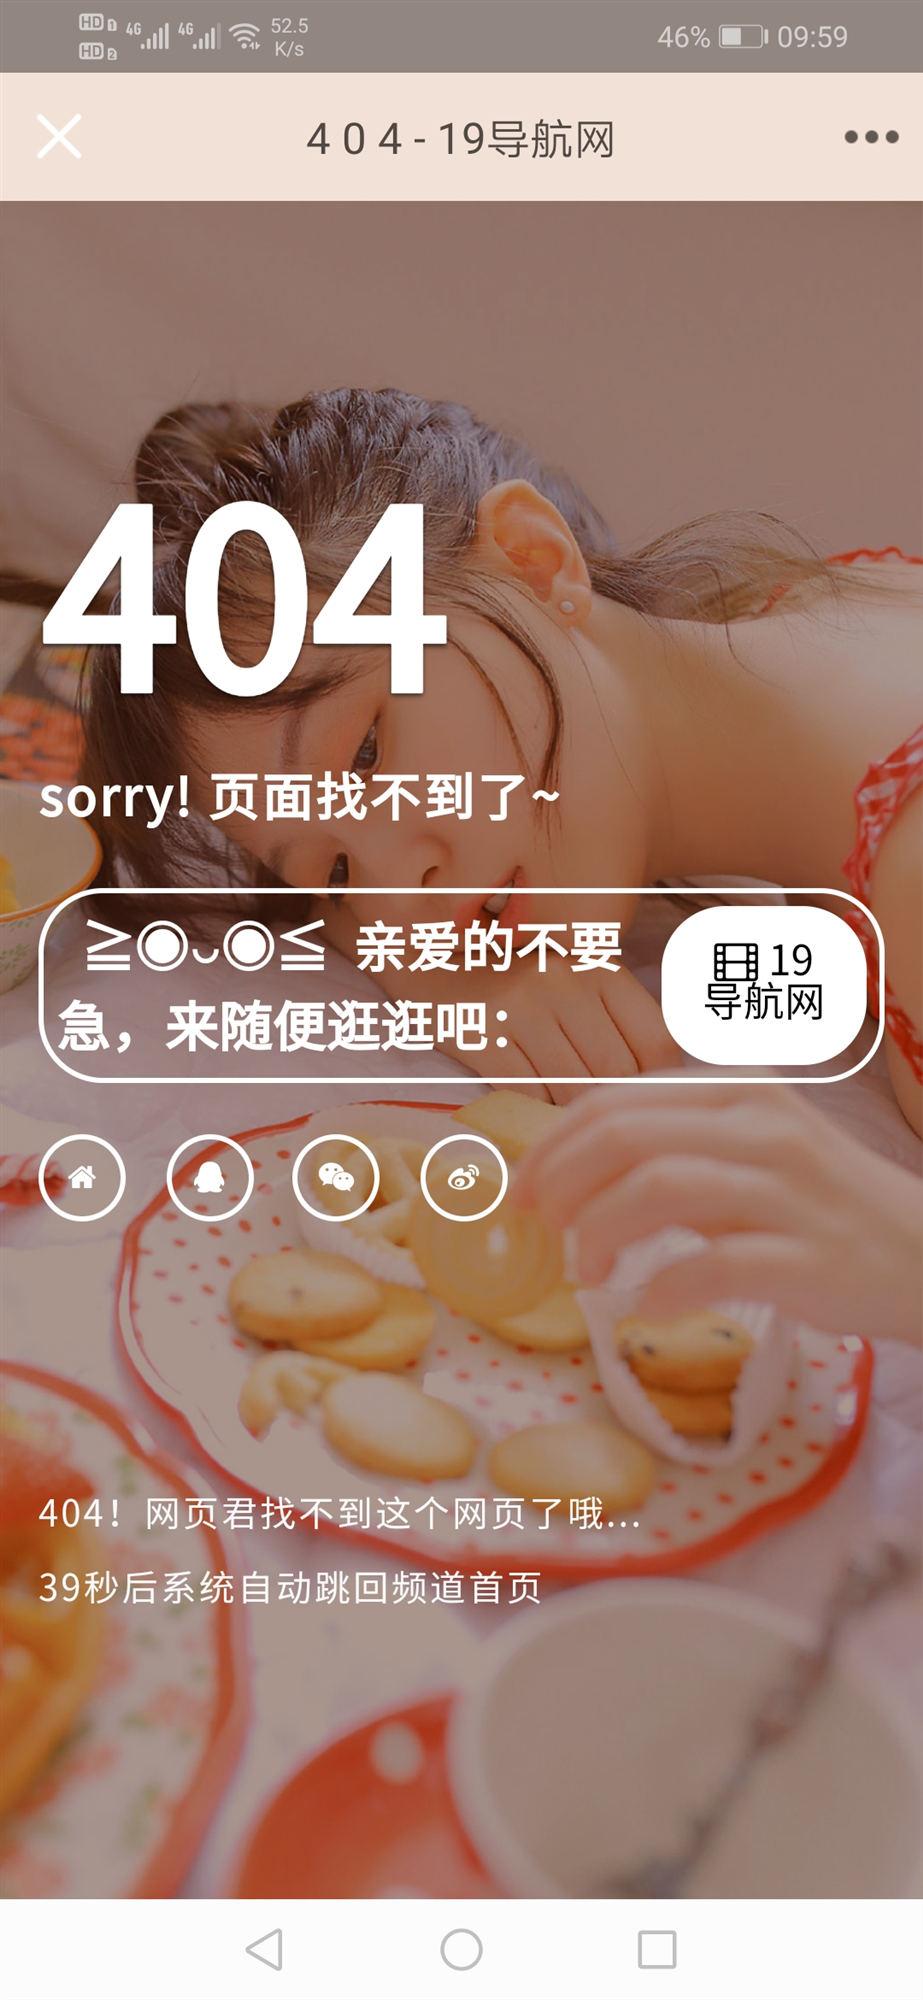 4 0 4 手机端- 19导航网.jpg